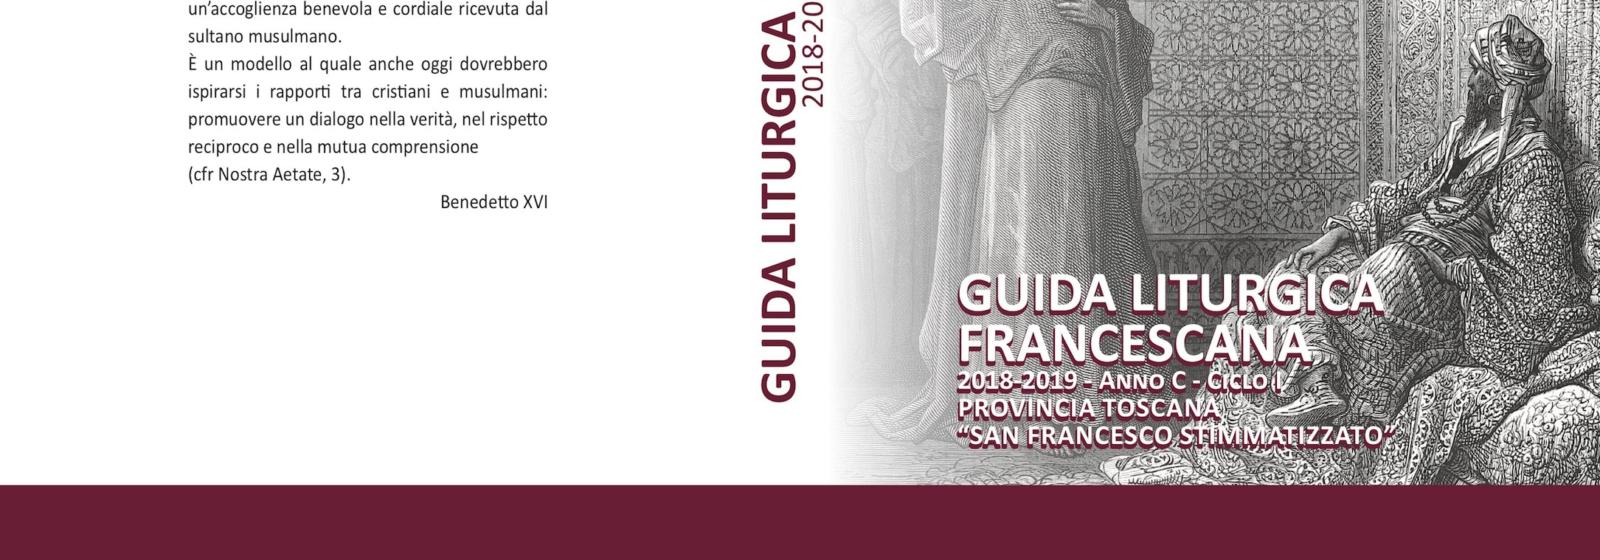 Guida liturgica francescana della Toscana 2018-2019